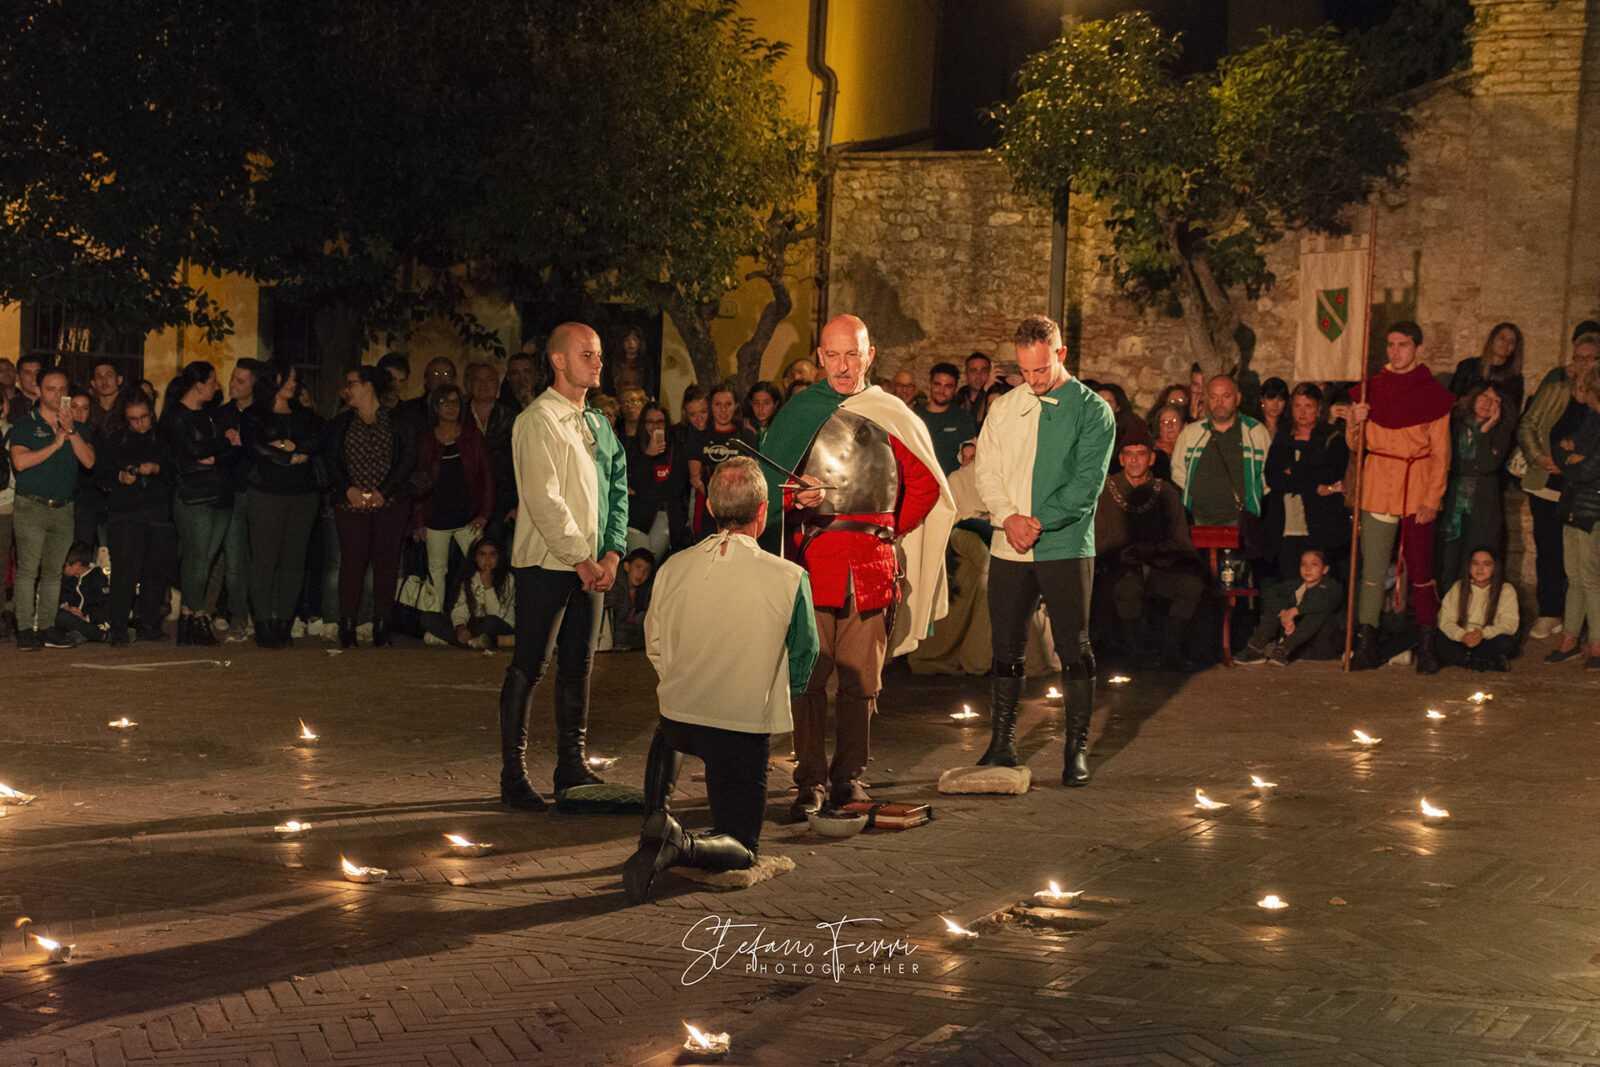 giostra dell'arme 2018, investitura dei cavalieri del Rione Piazza, Foto: Stefano Ferri